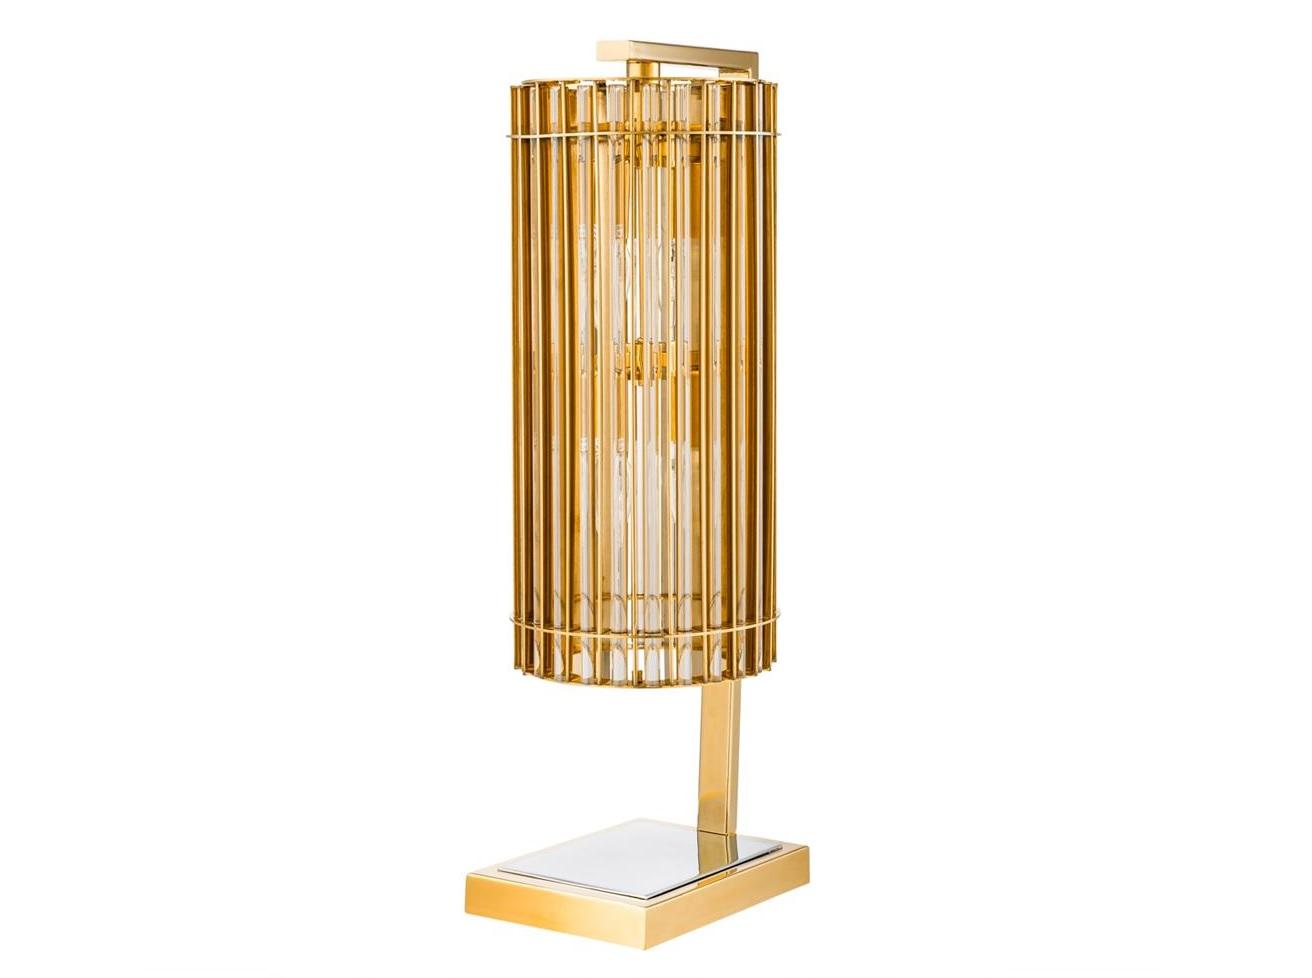 Настольная лампа Table Lamp PimlicoДекоративные лампы<br>&amp;lt;div&amp;gt;Вид цоколя: E14&amp;lt;br&amp;gt;&amp;lt;/div&amp;gt;&amp;lt;div&amp;gt;&amp;lt;div&amp;gt;Мощность: 40W&amp;lt;/div&amp;gt;&amp;lt;div&amp;gt;Количество ламп: 4 (нет в комплекте)&amp;lt;/div&amp;gt;&amp;lt;/div&amp;gt;<br><br>Material: Металл<br>Width см: 16,5<br>Depth см: 23<br>Height см: 66